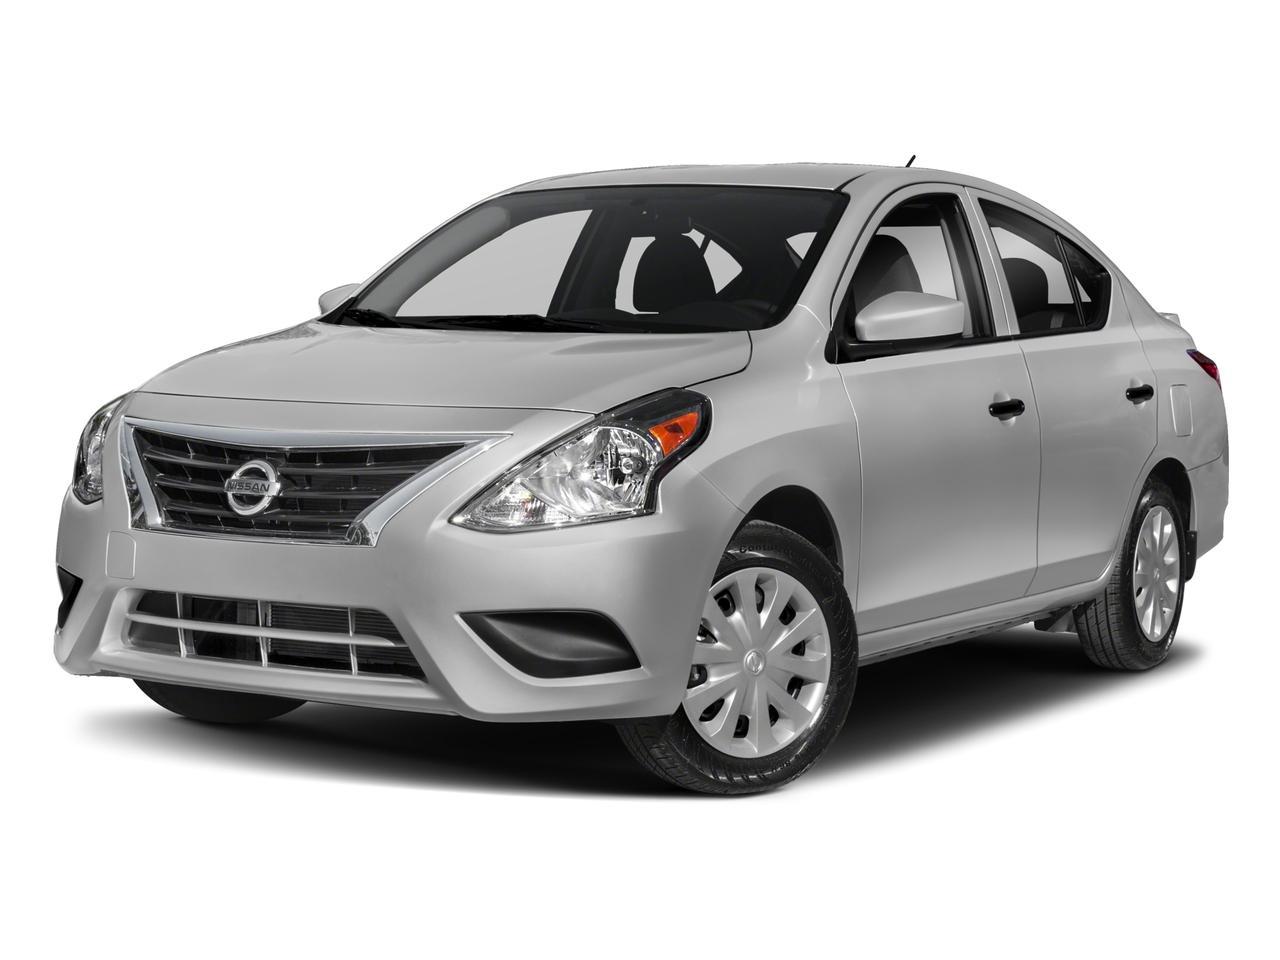 2018 Nissan Versa Sedan Vehicle Photo in Killeen, TX 76541